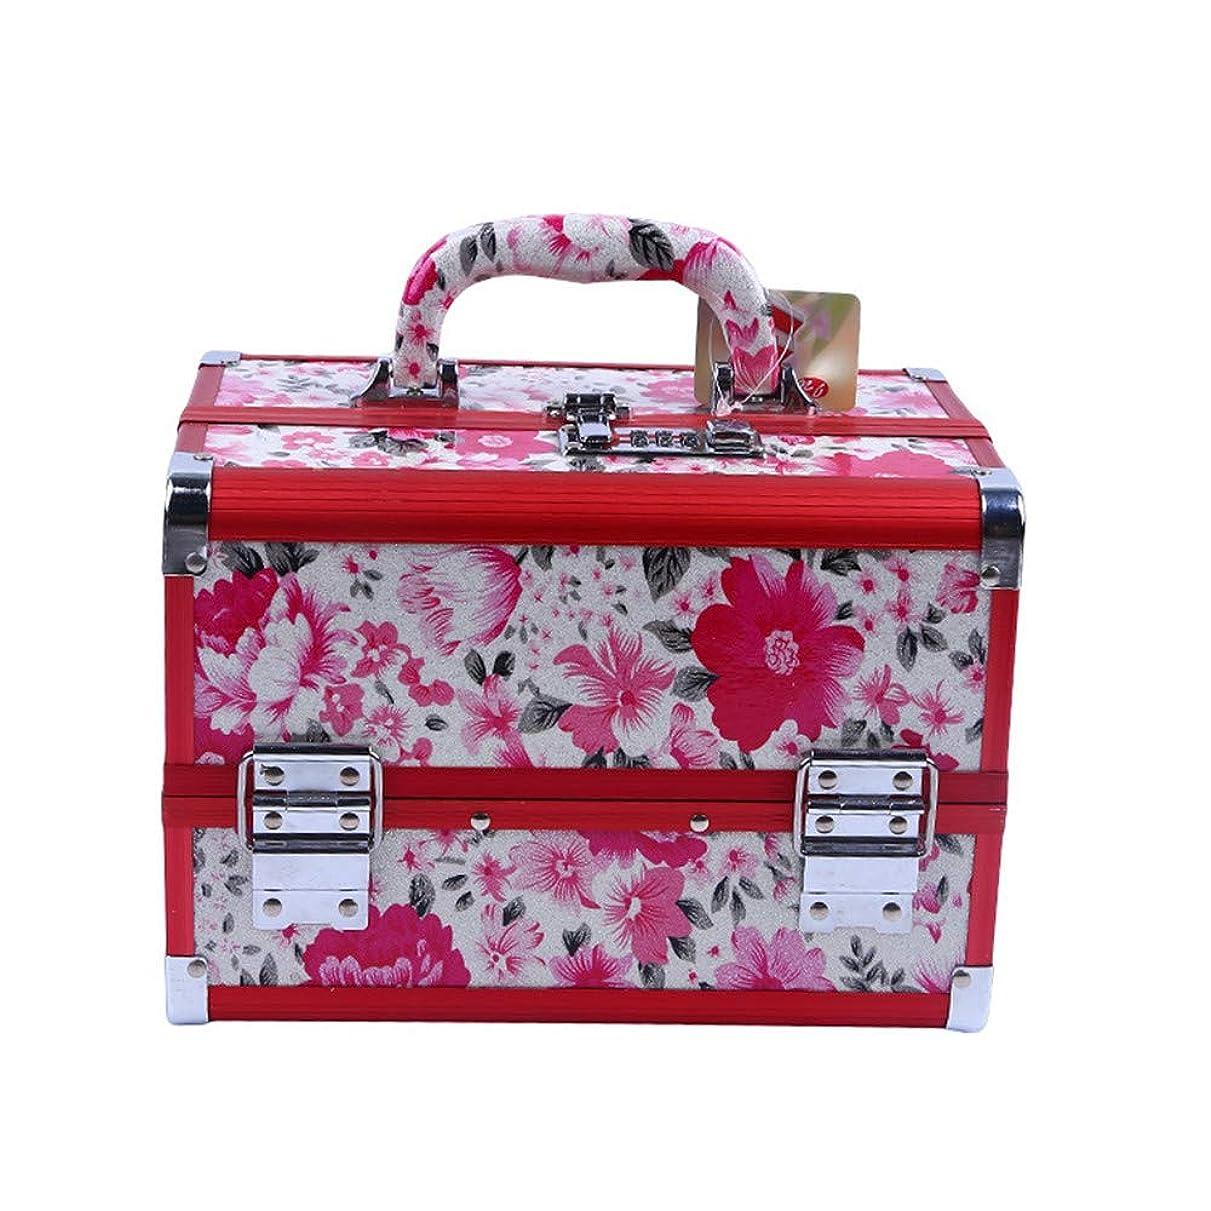 過言六分儀ギャロップ化粧オーガナイザーバッグ 花のパターンポータブル化粧品ケース美容メイクアップと女の子の女性の旅行と毎日のストレージロック付きトレイ付き 化粧品ケース